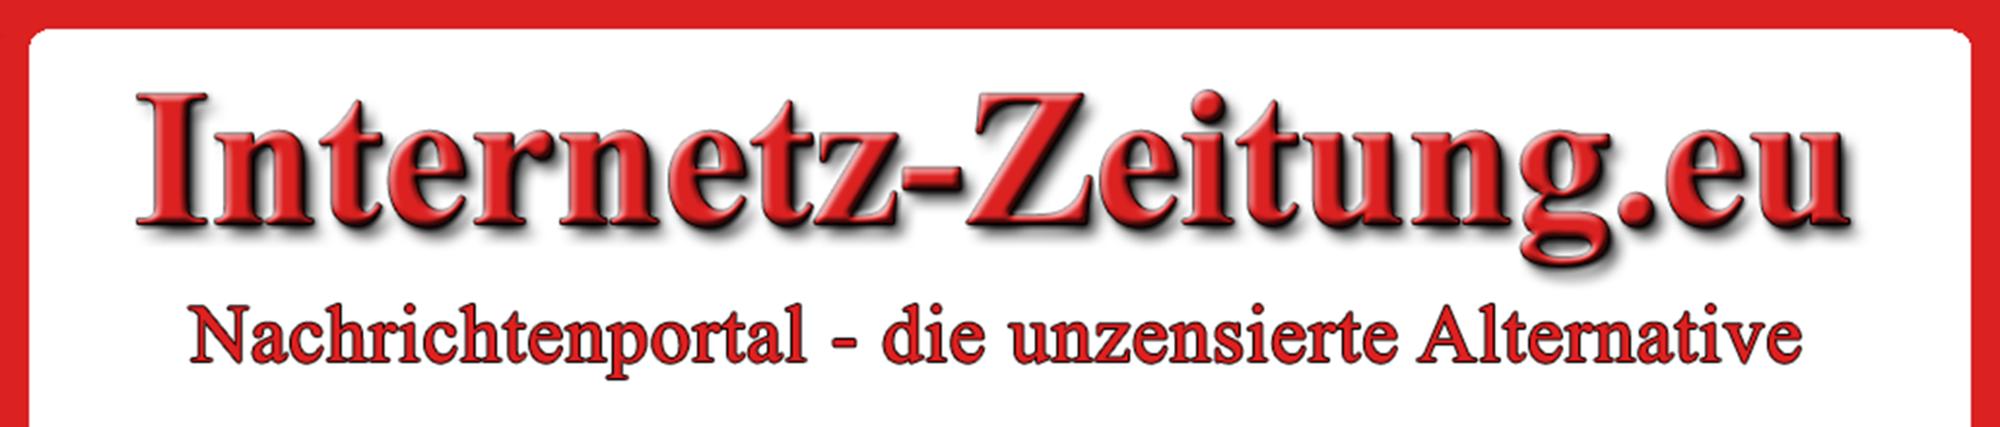 Internetz-Zeitung